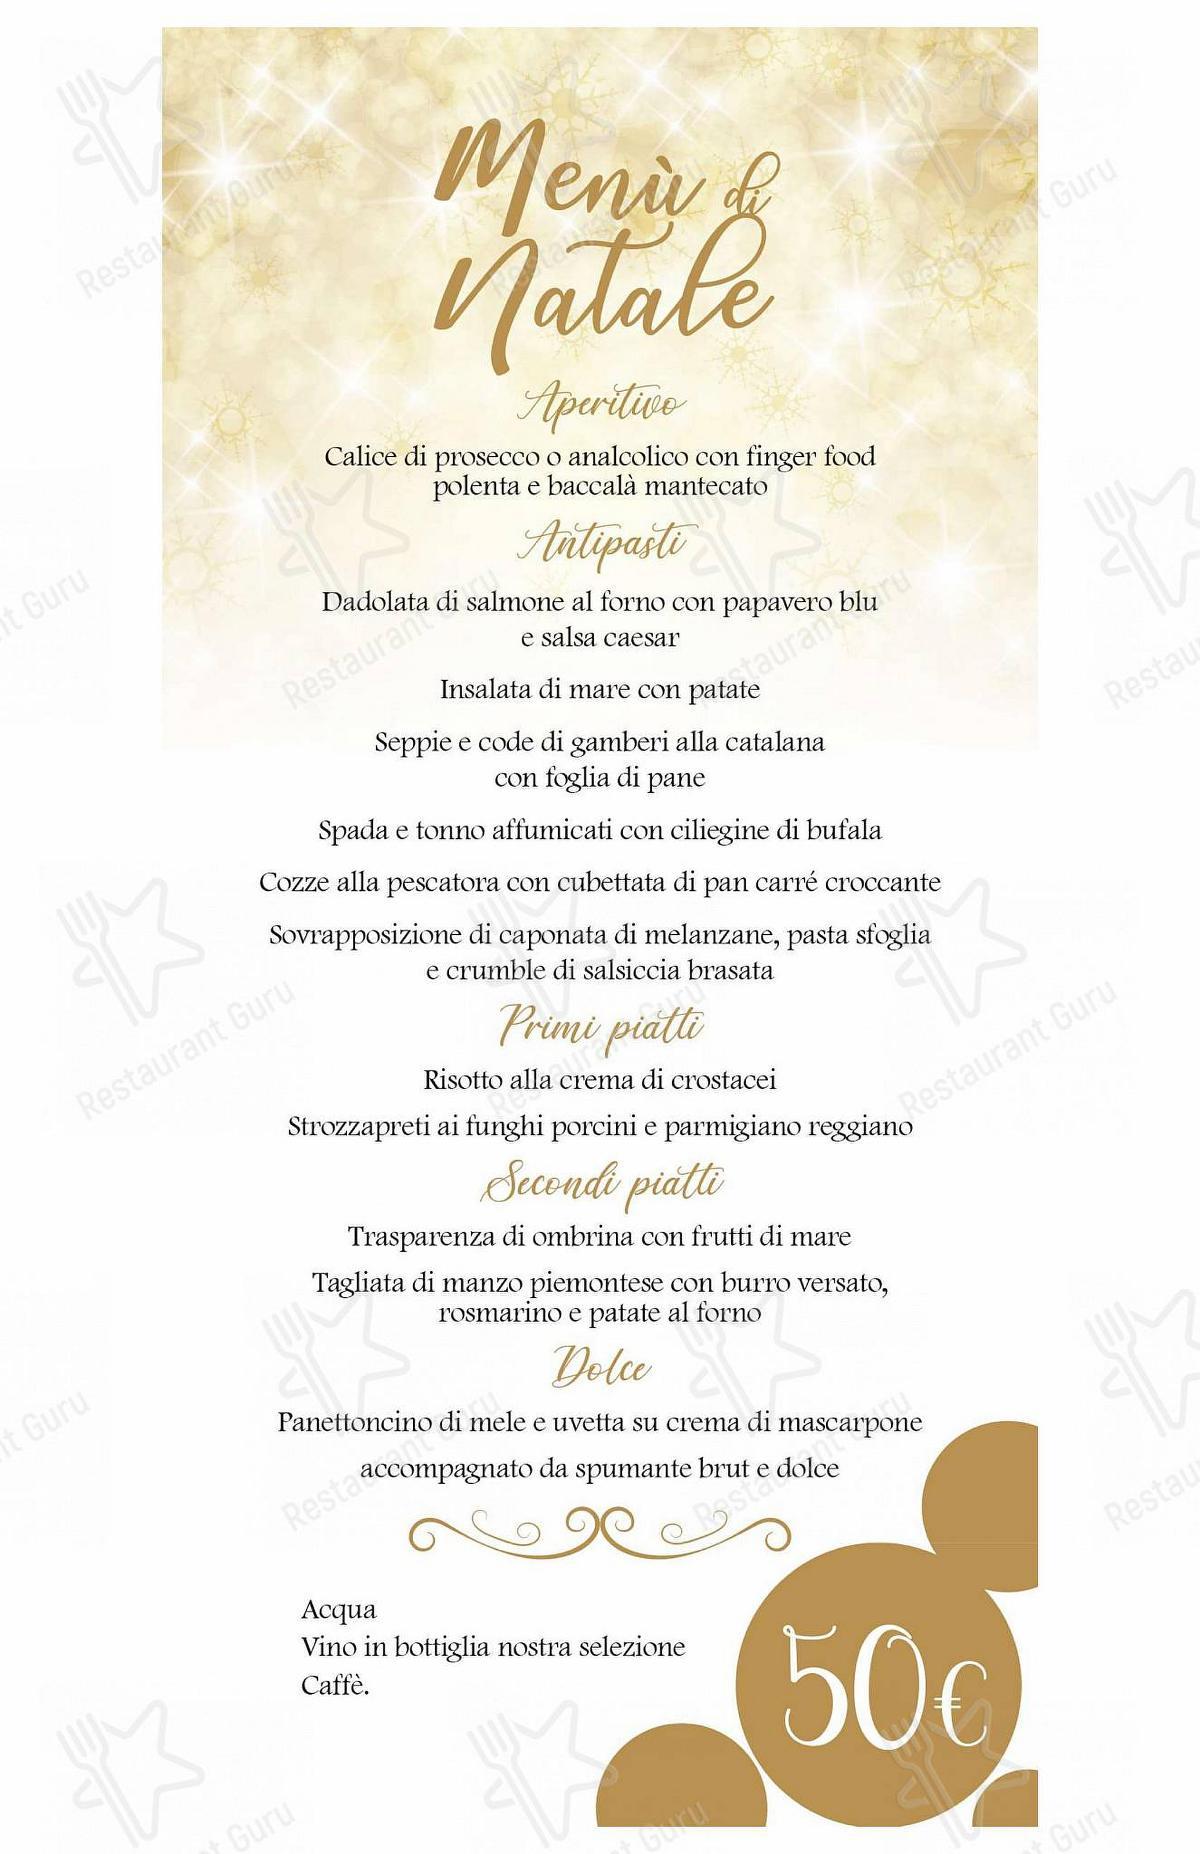 Ristorante Sabi Menu per Ristorante Pizzeria Sabi in Chiuduno